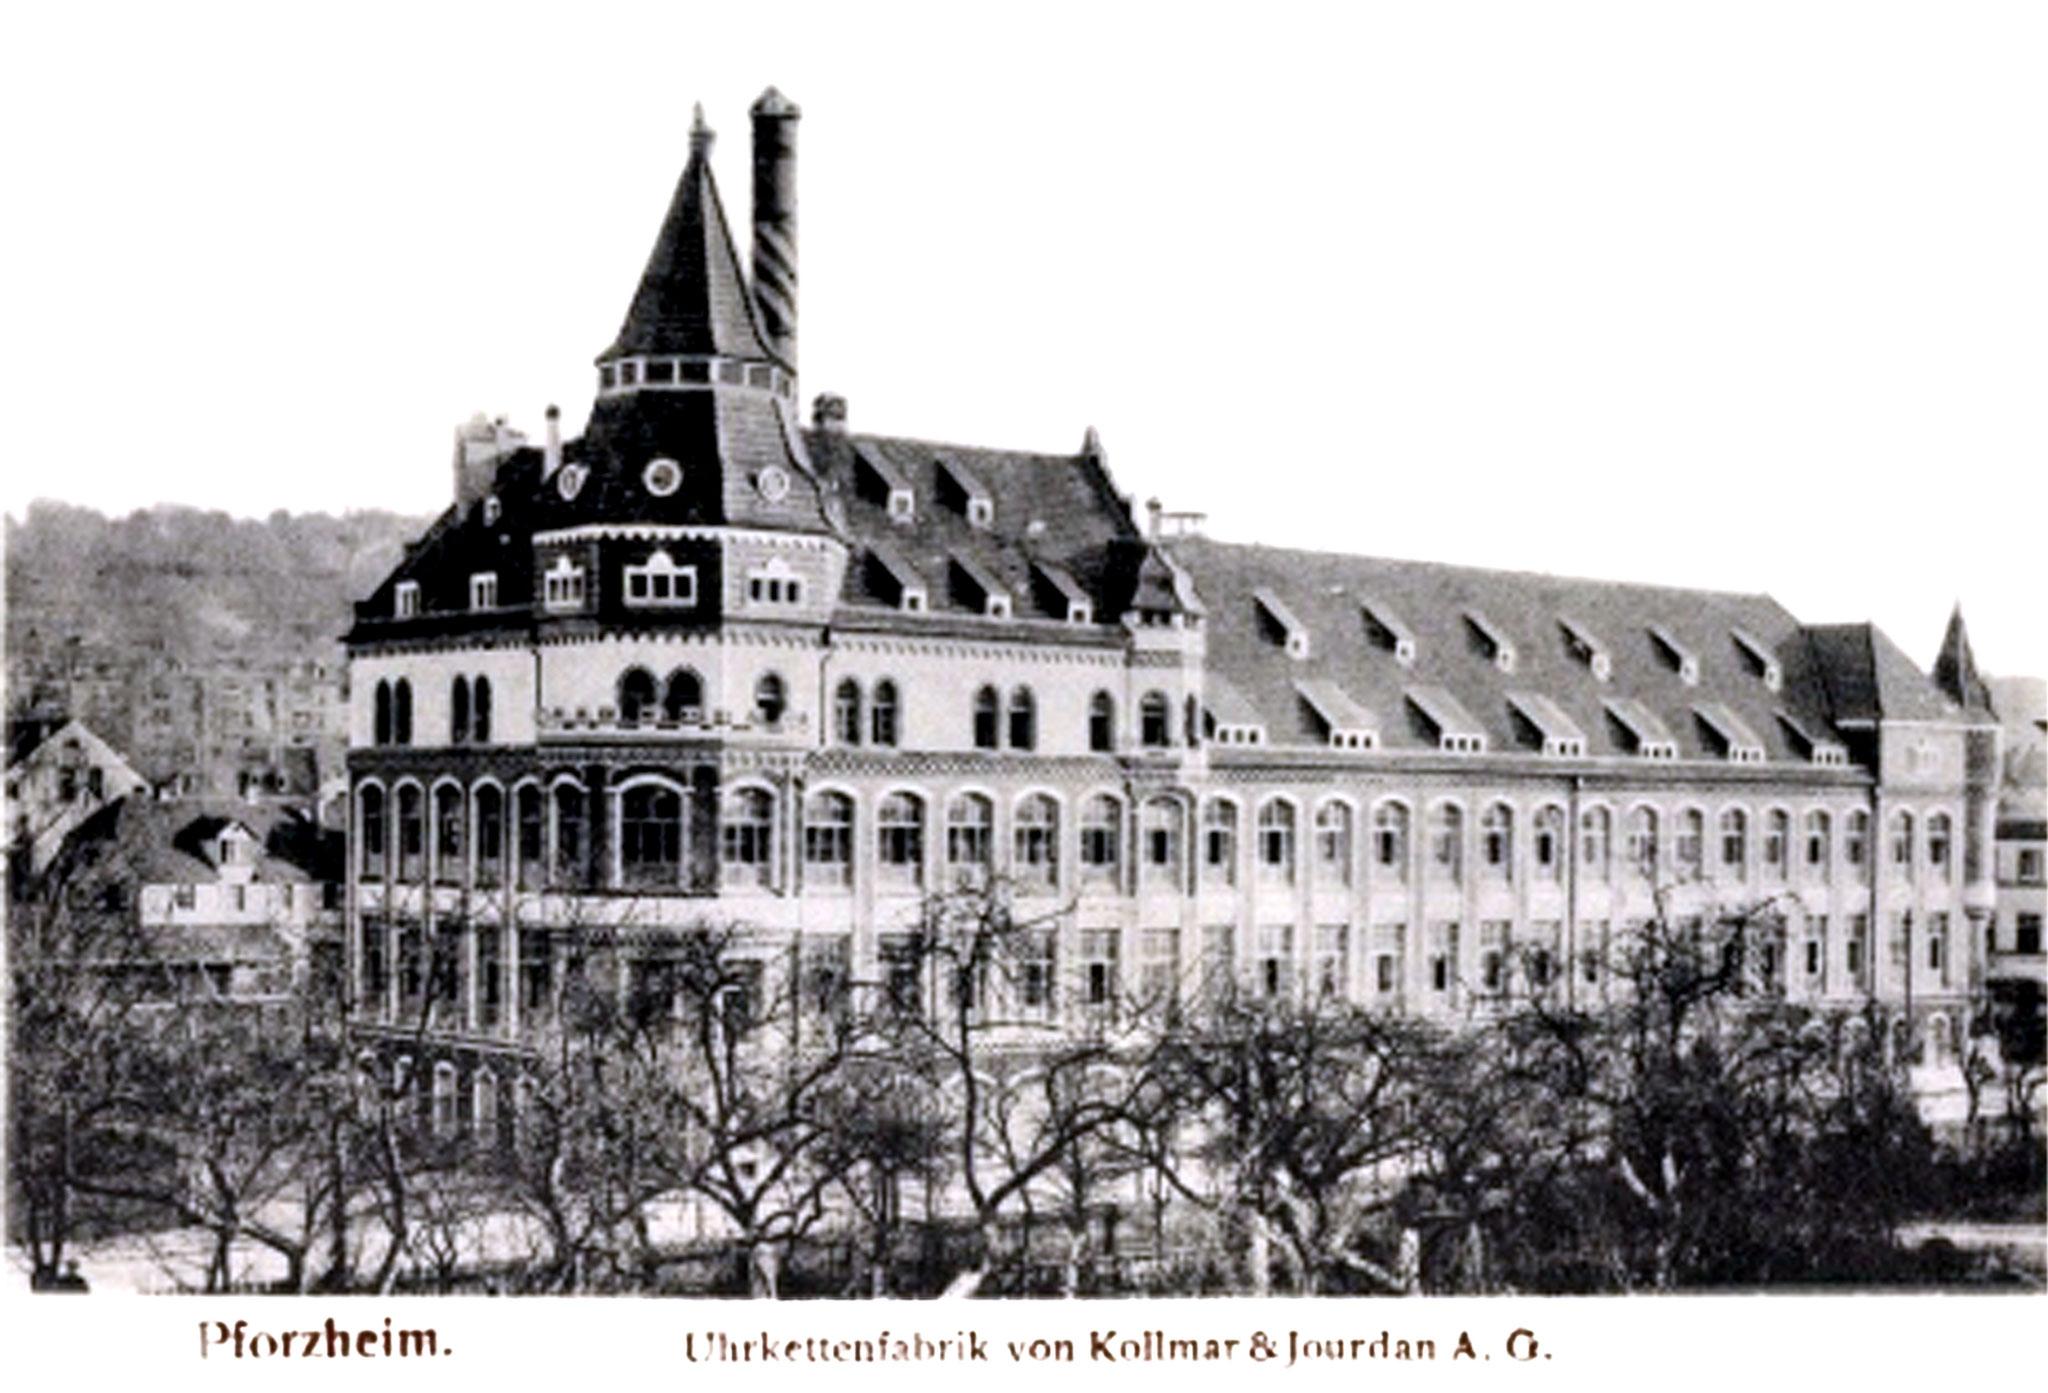 Das Firmengebäuse von Kollmar & Jourdan in den 1920er Jahren